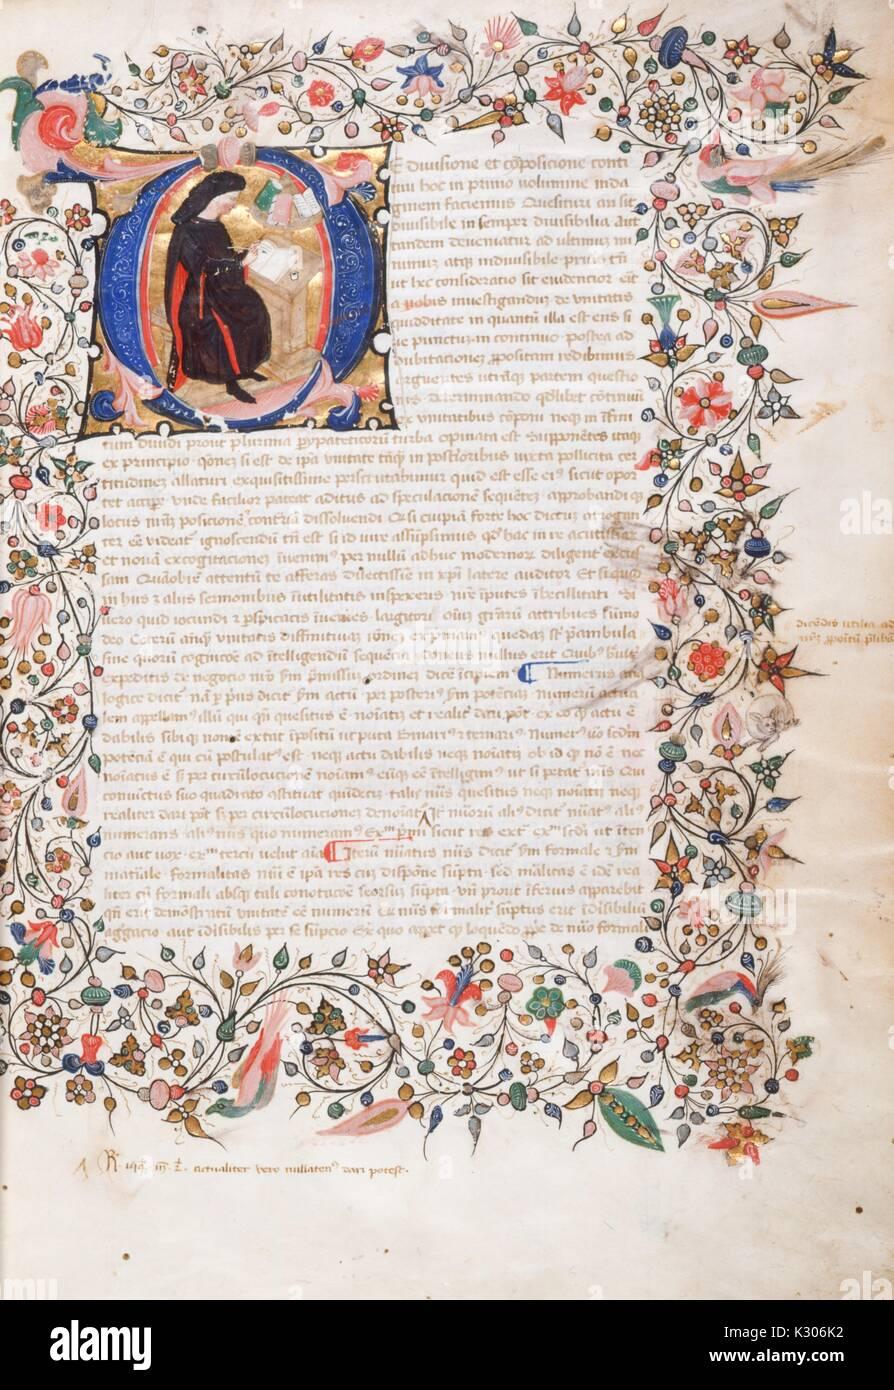 Eine Illuminierte Handschrift Auf Pergament In Italien Geschrieben